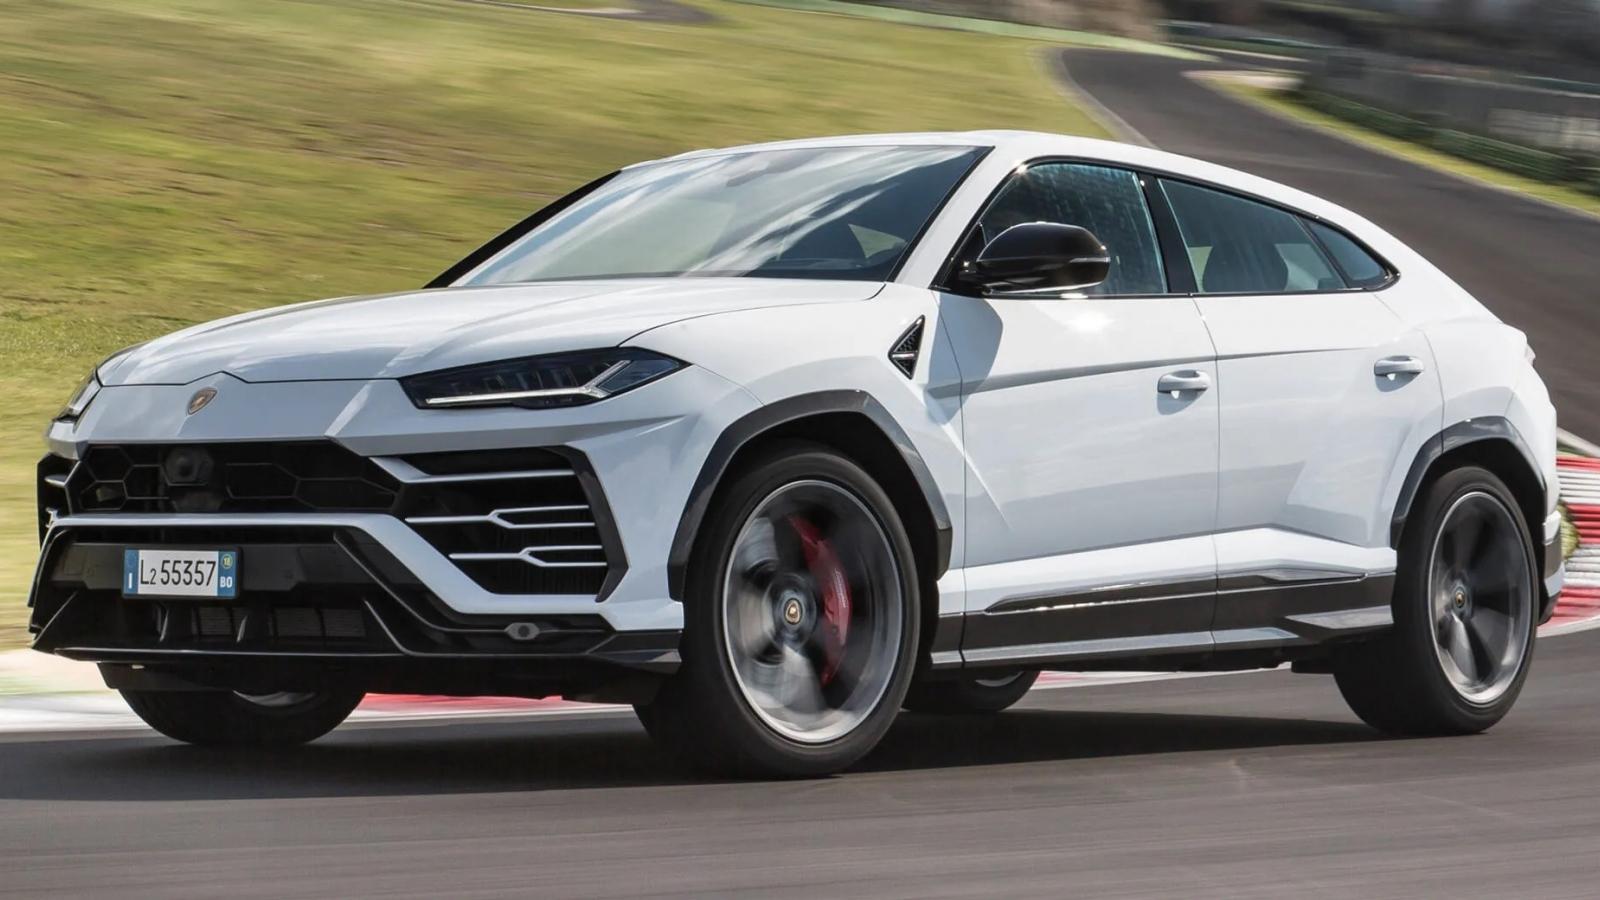 Hàng loạt xe Lamborghini, Porsche và Audi được thay động cơ mới